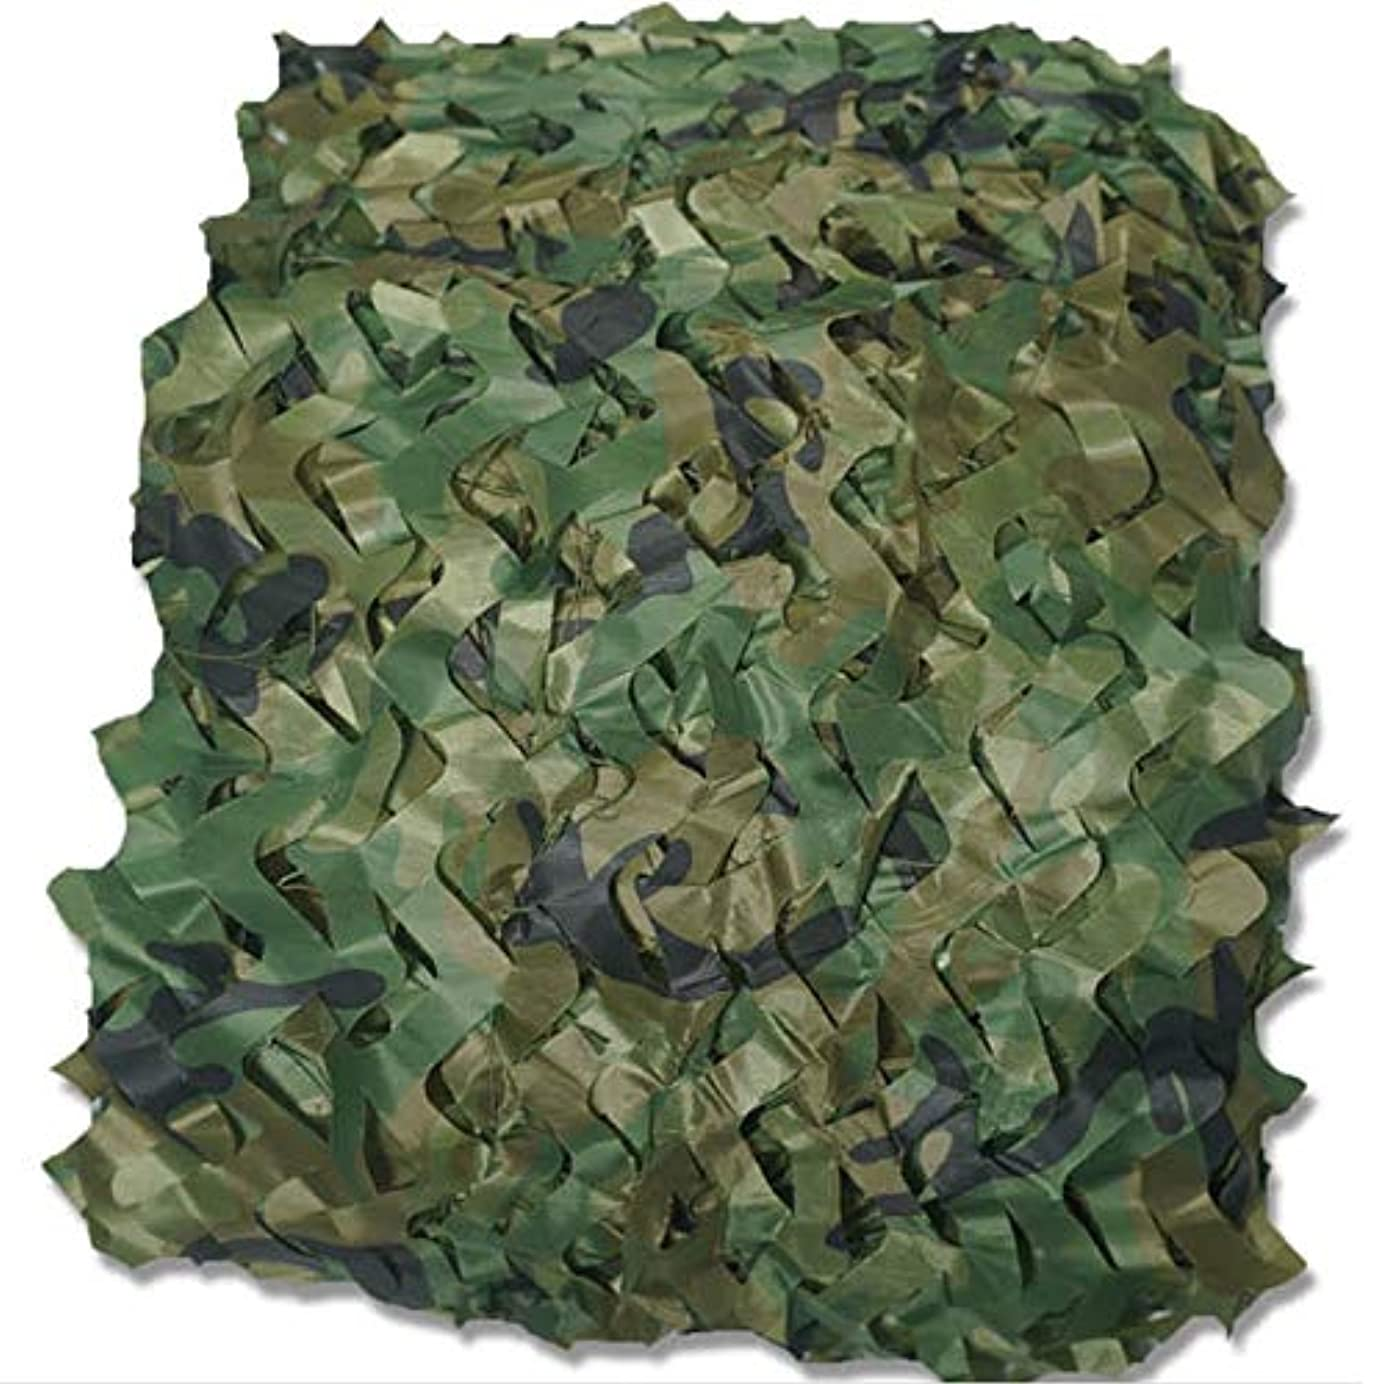 滞在廃止本土YNFNGXU 迷彩ネット屋内と屋外の装飾迷彩ネット陸軍ネットワークジャングル迷彩ネットキャンプ日焼け止め (サイズ さいず : 3x4m)